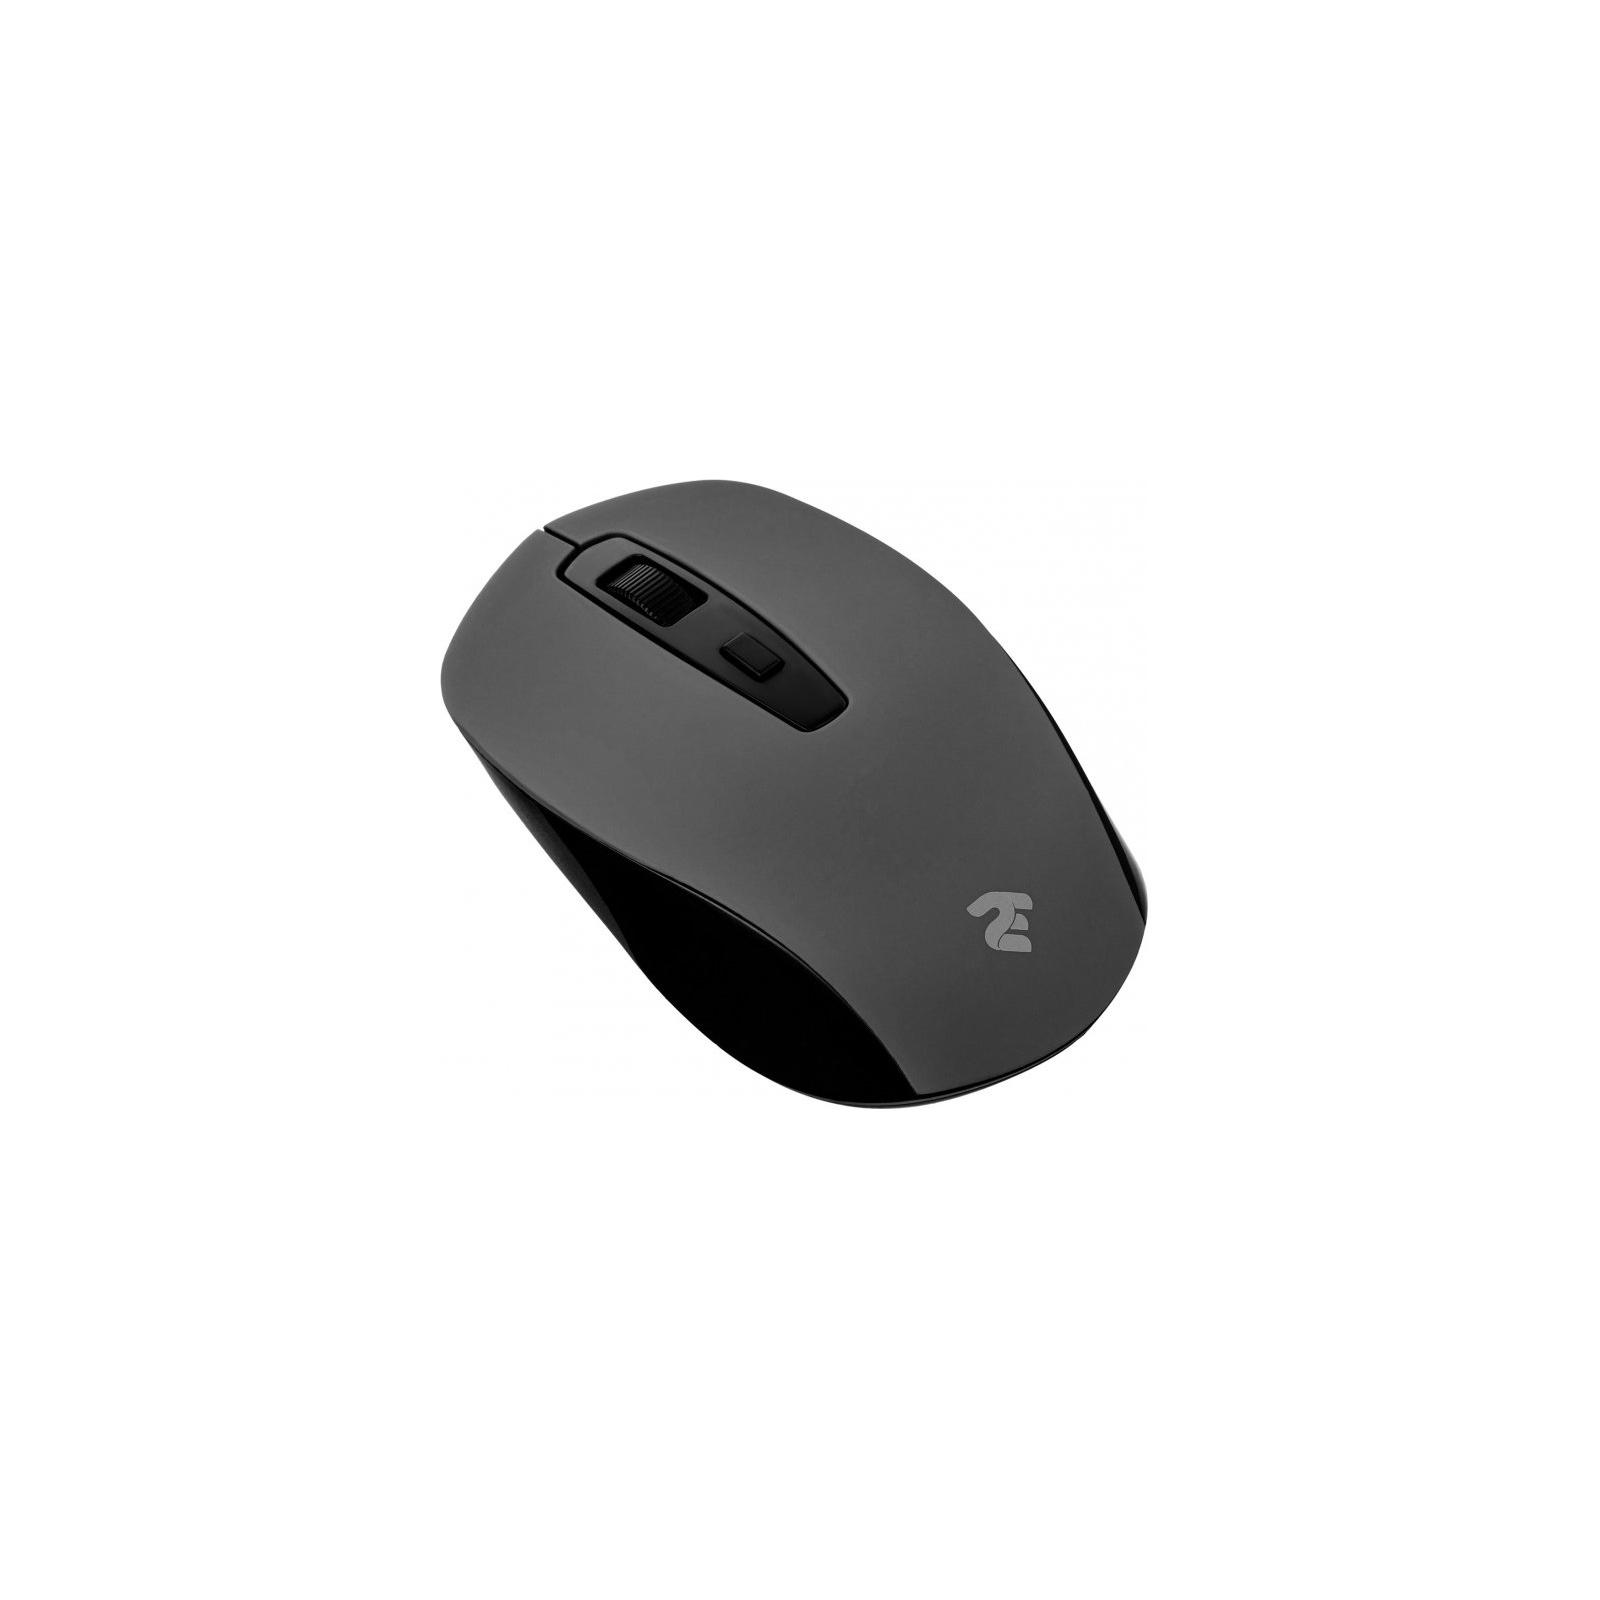 Мышка 2E MF211 Wireless Gray (2E-MF211WC) изображение 2